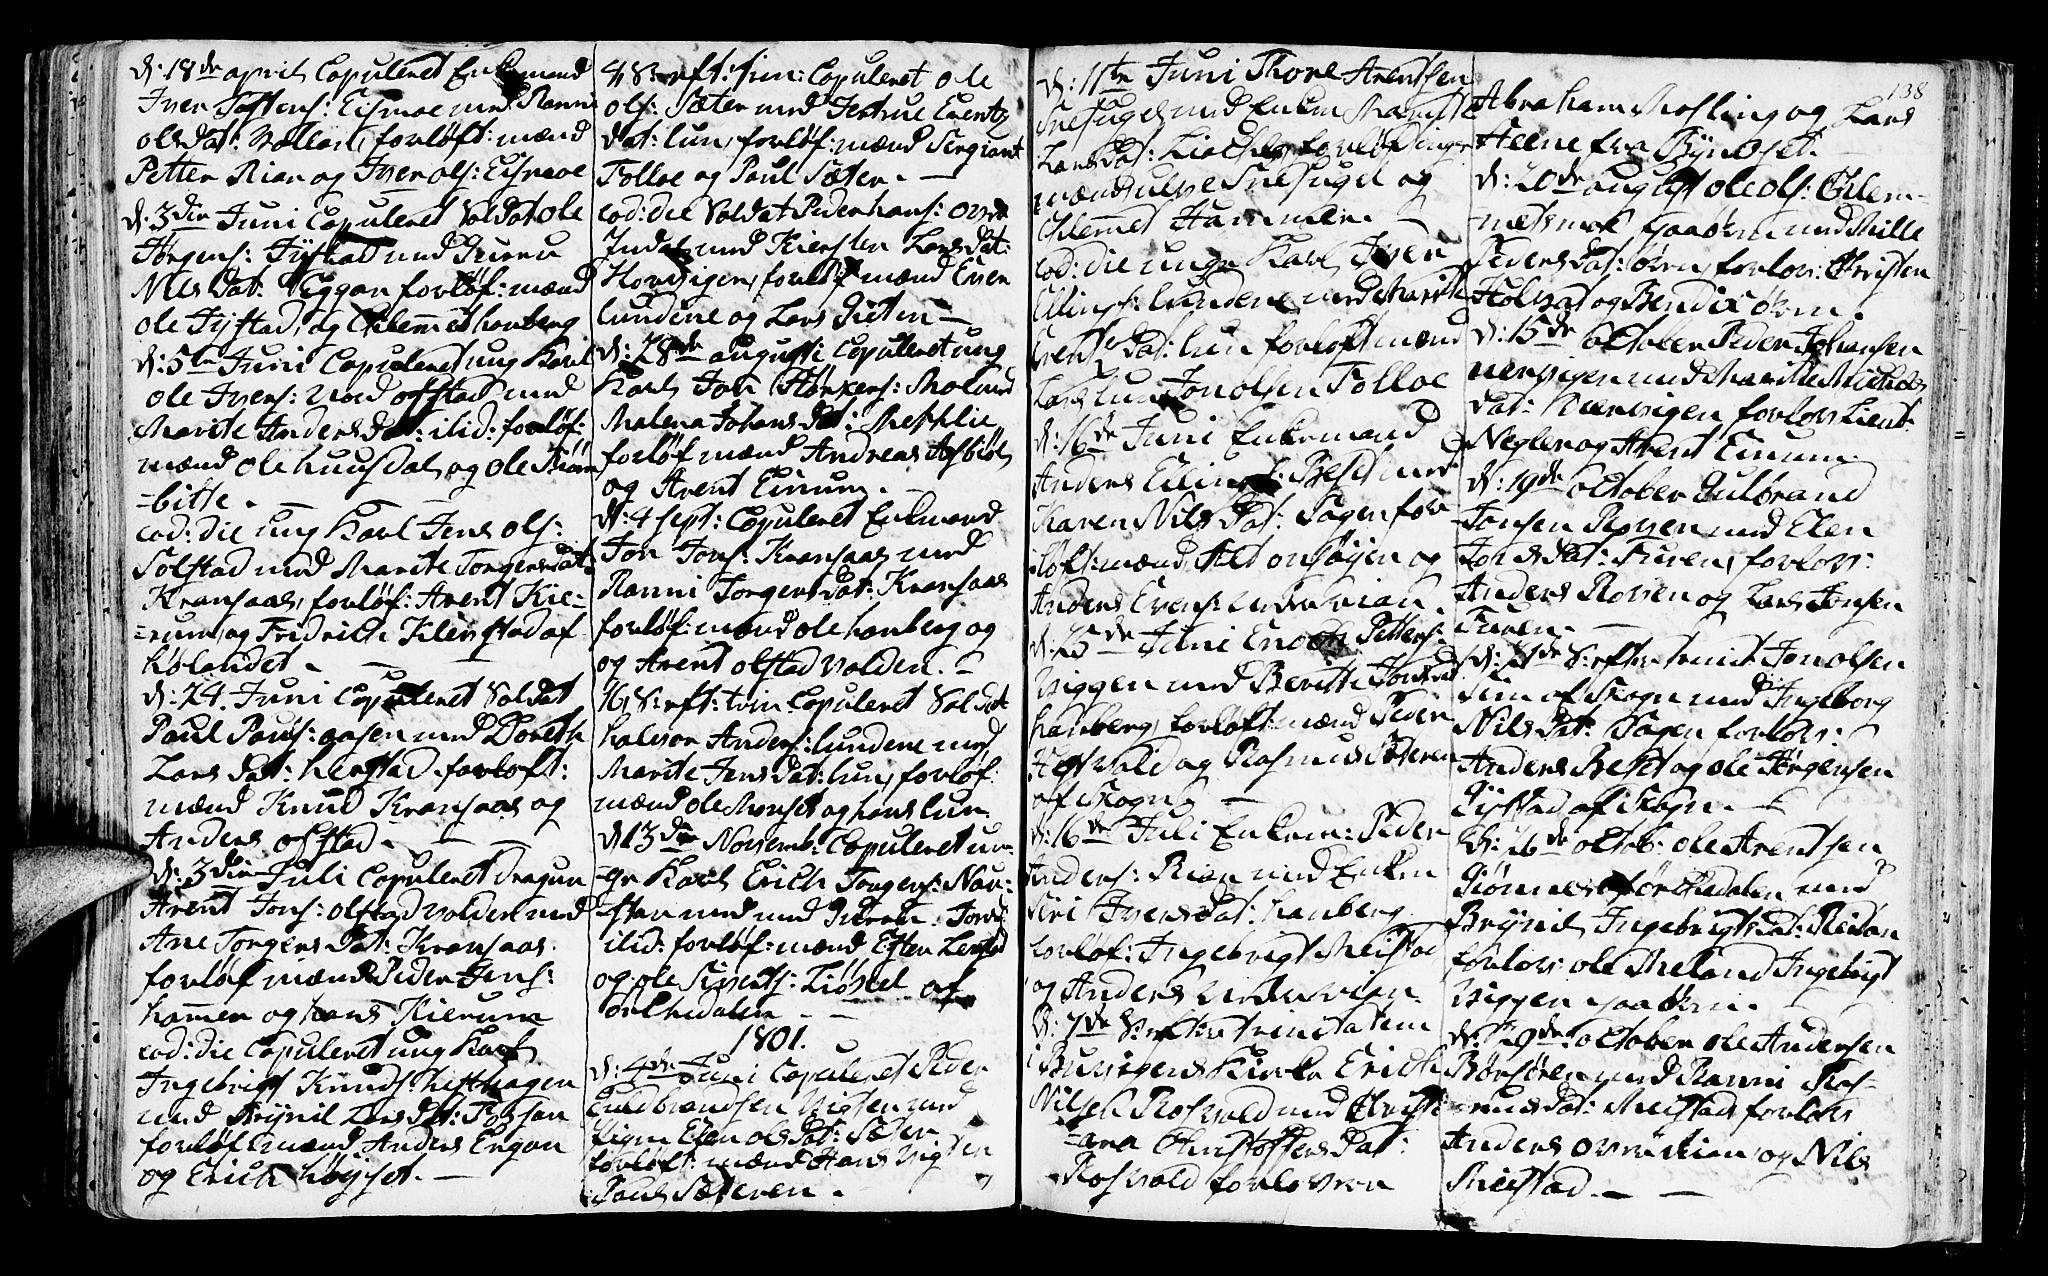 SAT, Ministerialprotokoller, klokkerbøker og fødselsregistre - Sør-Trøndelag, 665/L0768: Ministerialbok nr. 665A03, 1754-1803, s. 138